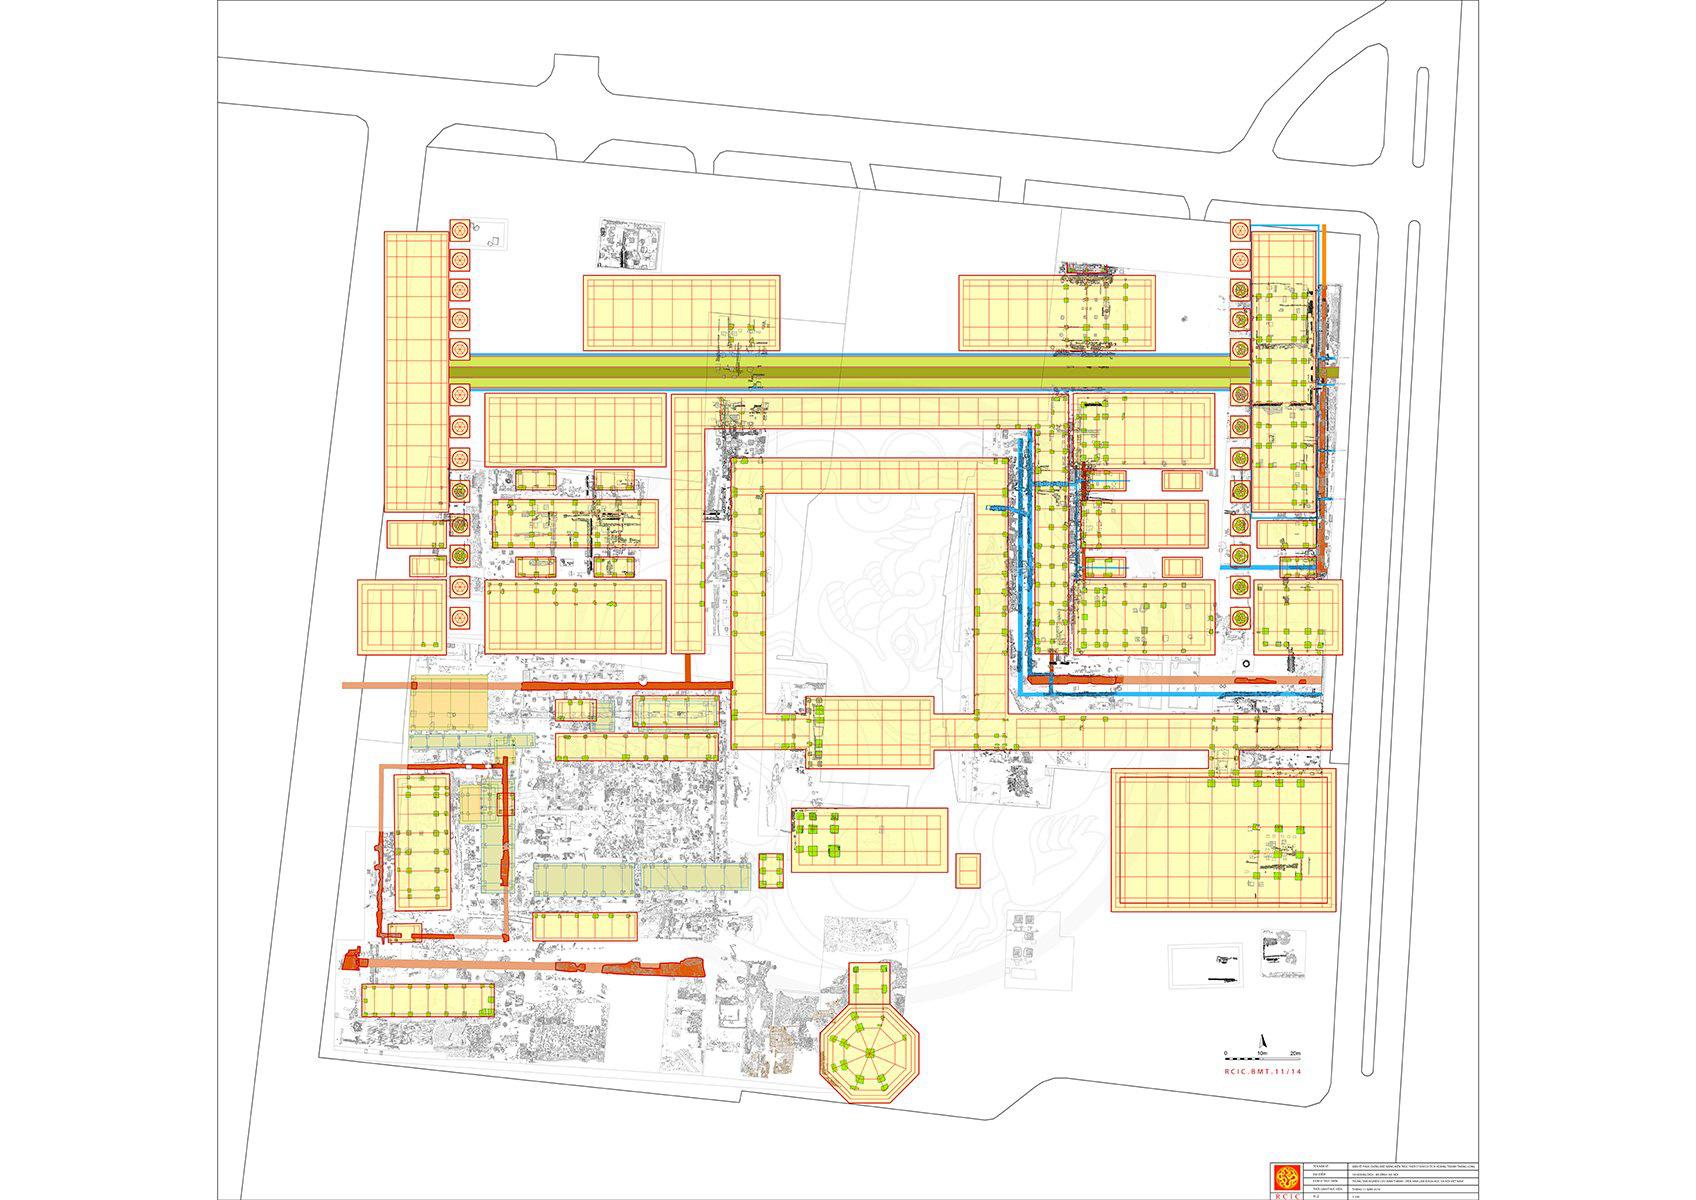 """Phát hiện """"chấn động"""" về hình thái kiến trúc cung điện thời Lý ở Hoàng thành Thăng Long (kỳ 1) - Ảnh 5."""